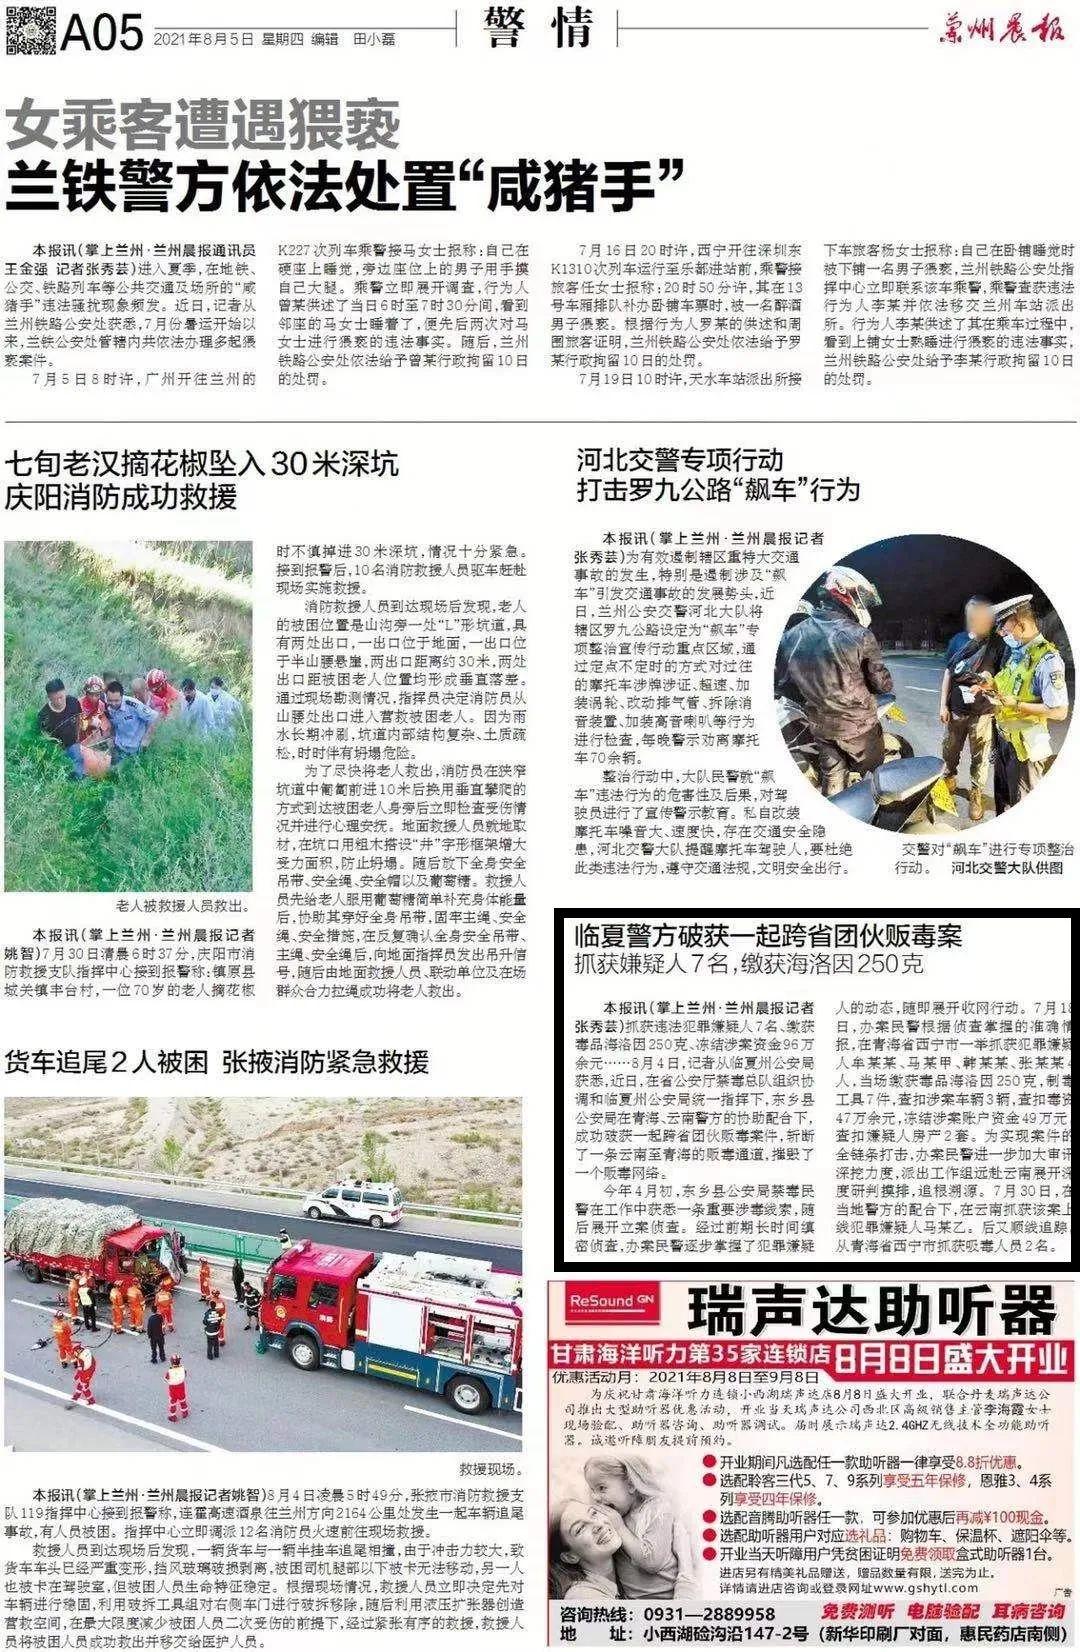 央级、省级媒体报道东乡县公安局破获团伙贩毒案件